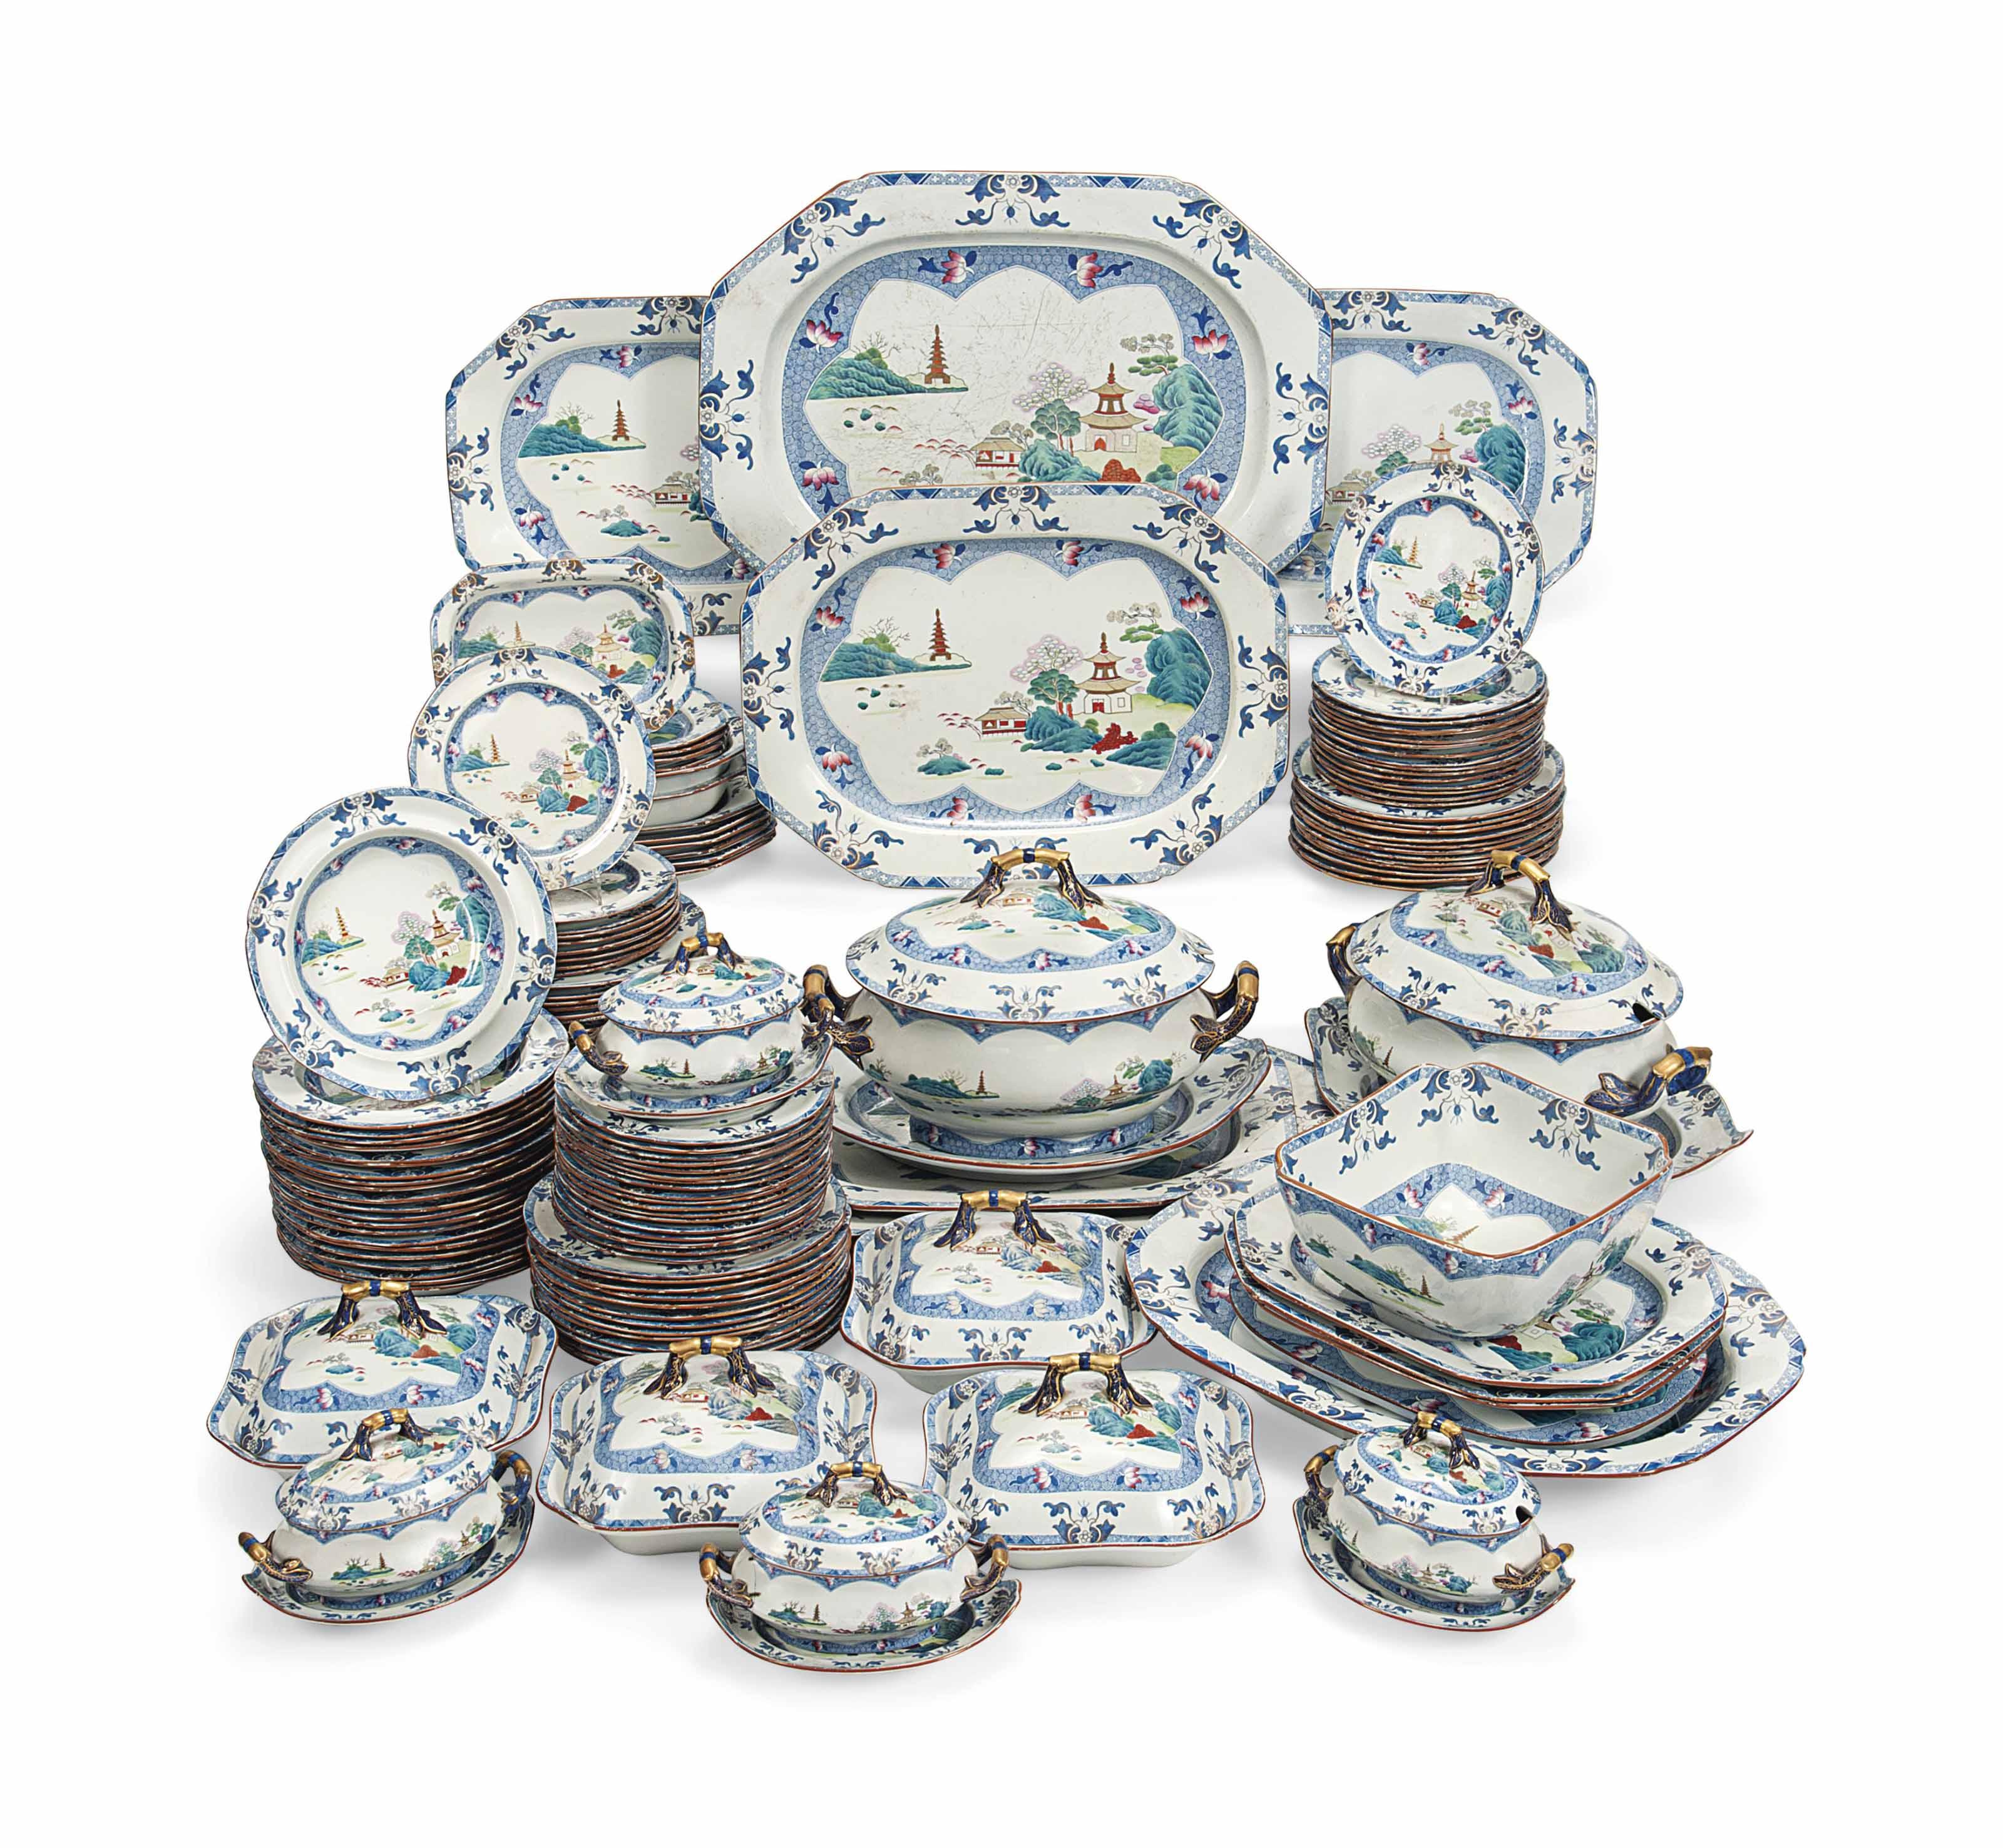 AN EXTENSIVE SPODE STONE-CHINA  sc 1 st  Christieu0027s & AN EXTENSIVE SPODE STONE-CHINA DINNER-SERVICE | CIRCA 1820-30 BLUE ...